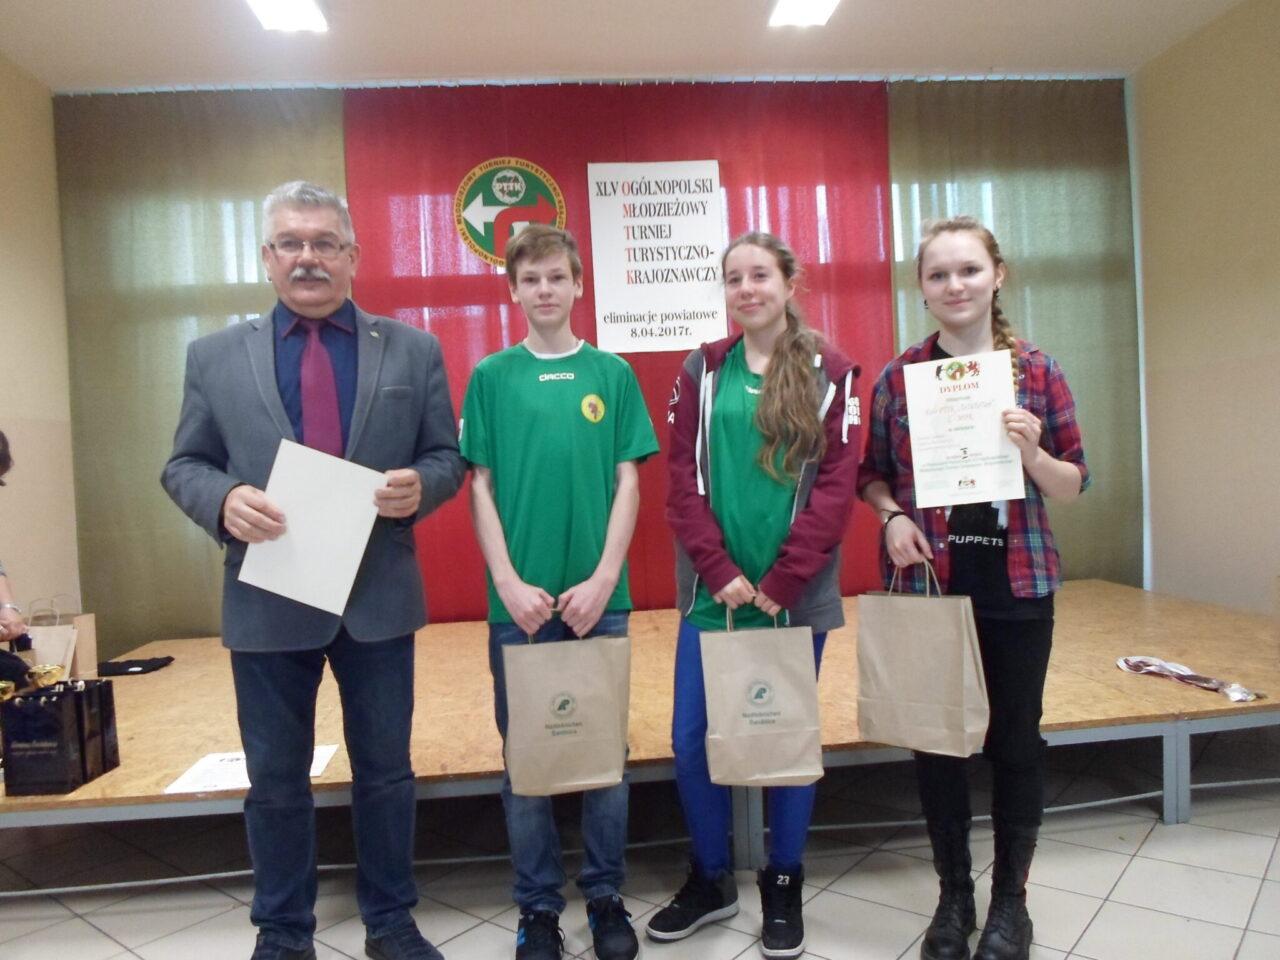 XLV Ogólnopolski Młodzieżowy Turniej Turystyczno – Krajoznawczy